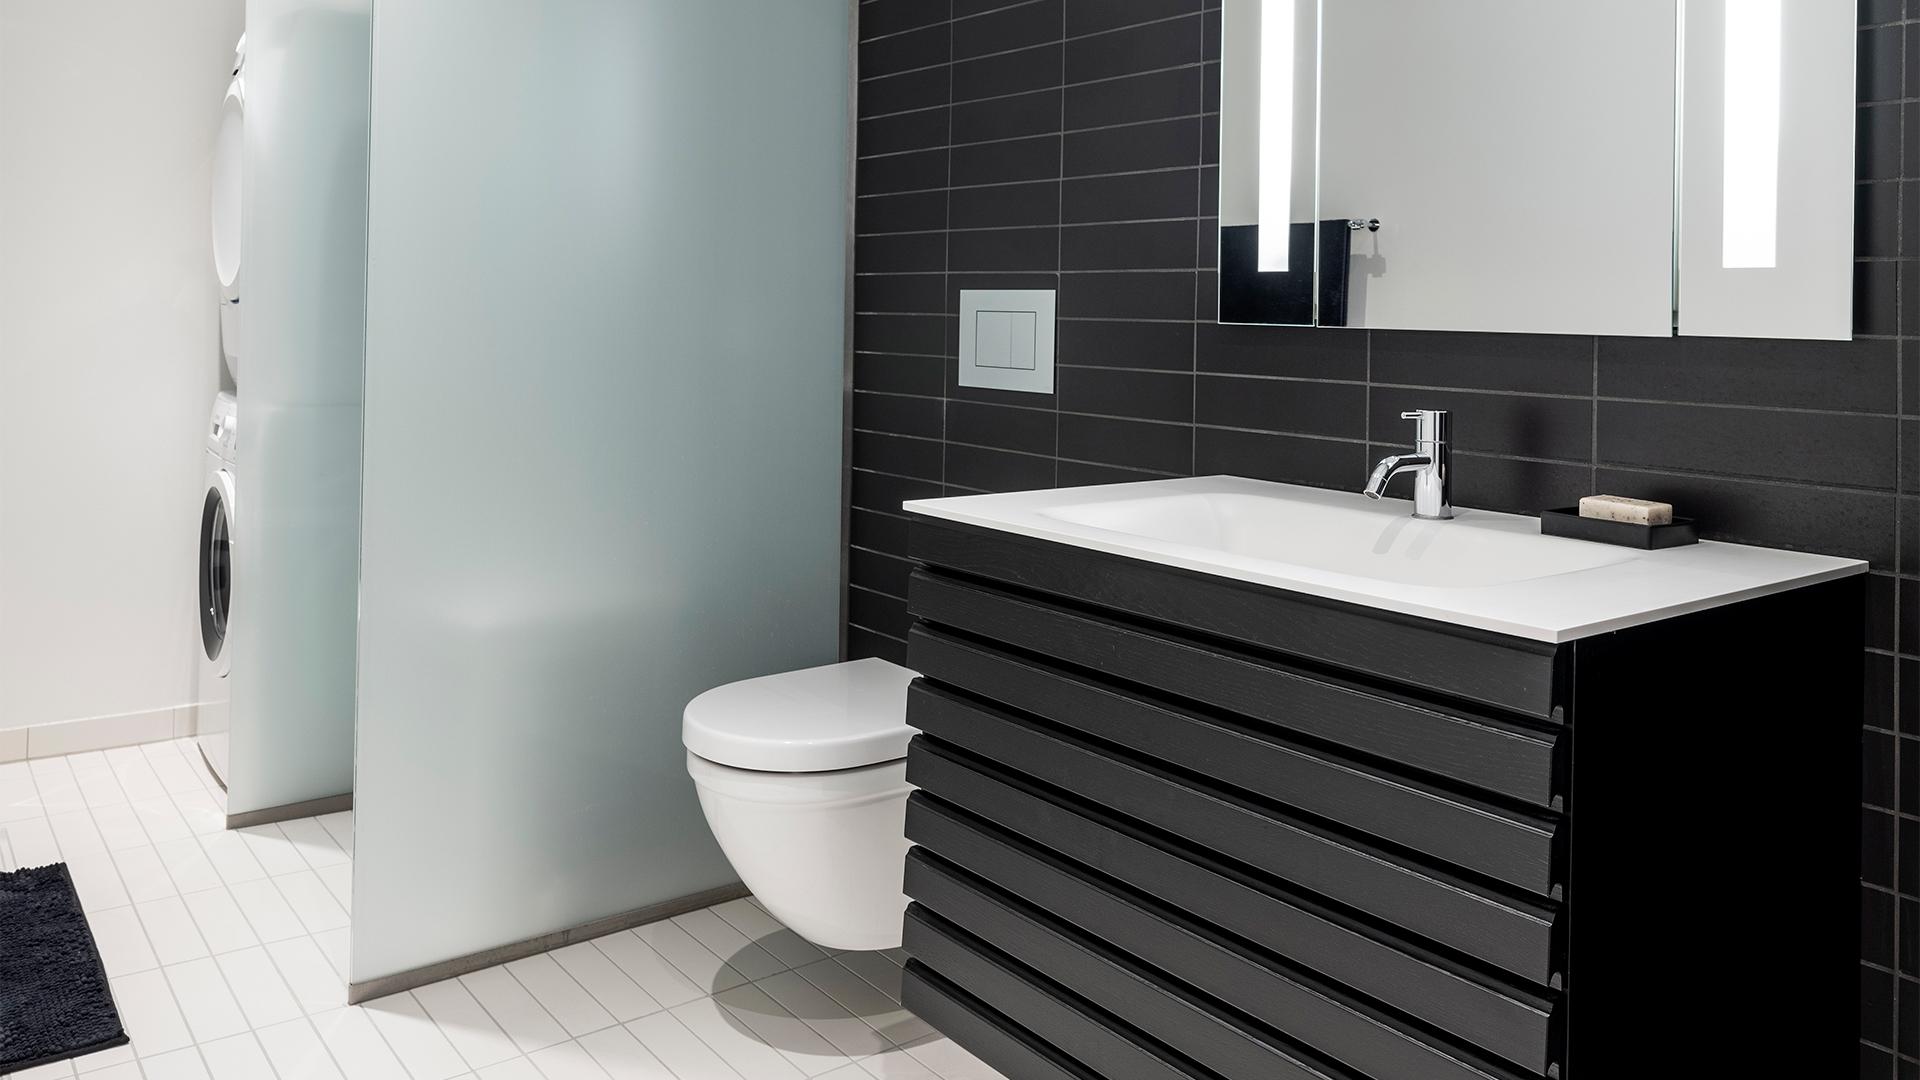 Rask M-line badeværelse - rene linjer i massiv træ | Tvis Køkkener VN-61